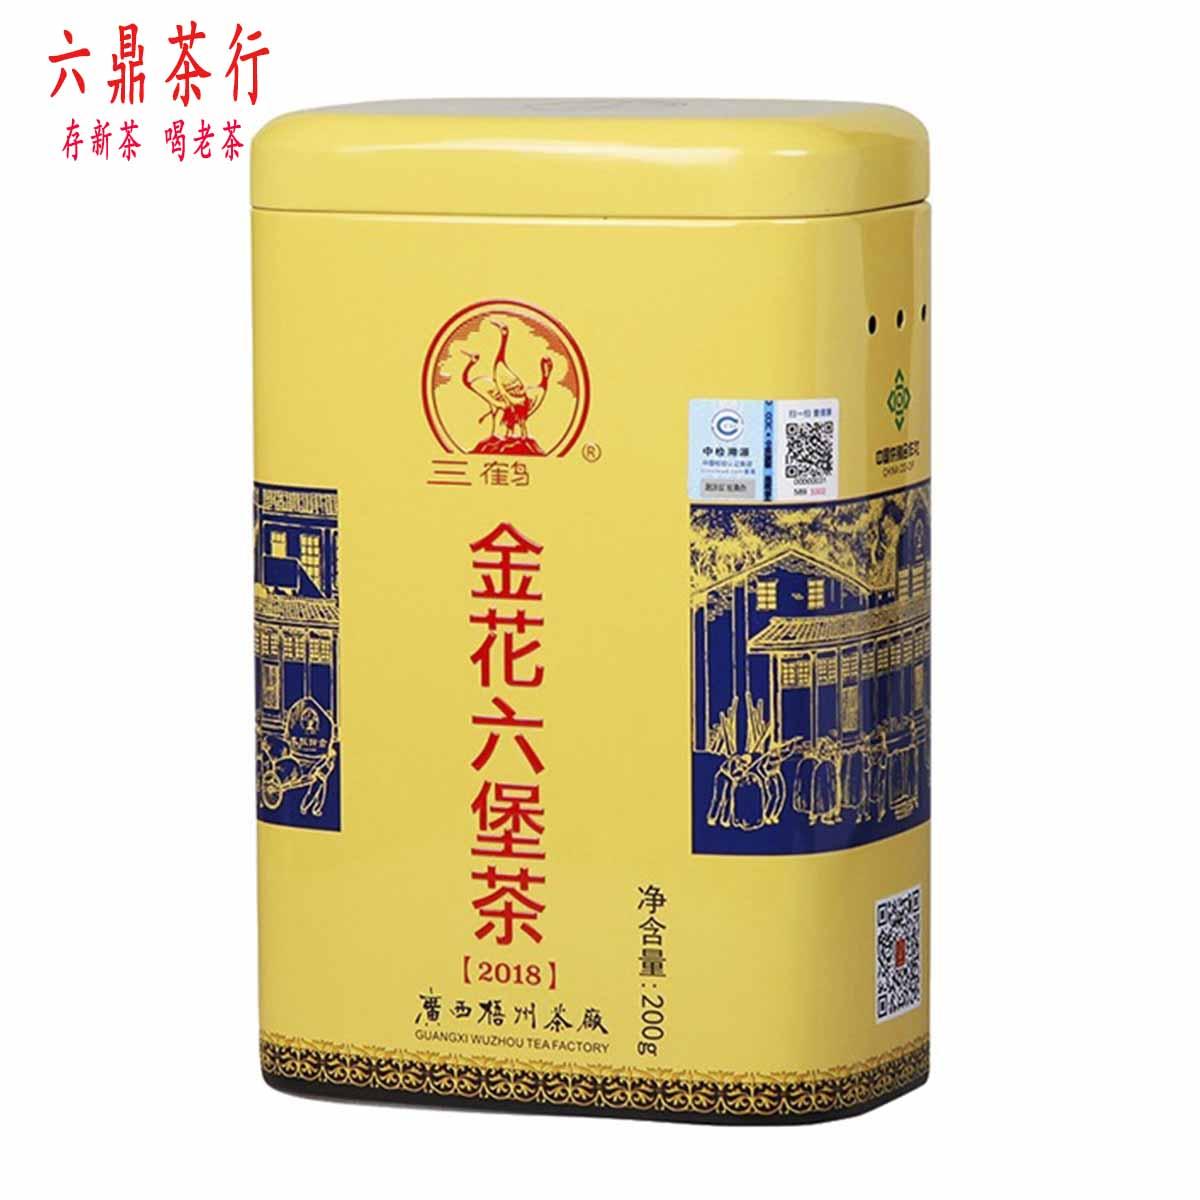 三鹤牌金花2018特级200克六堡茶